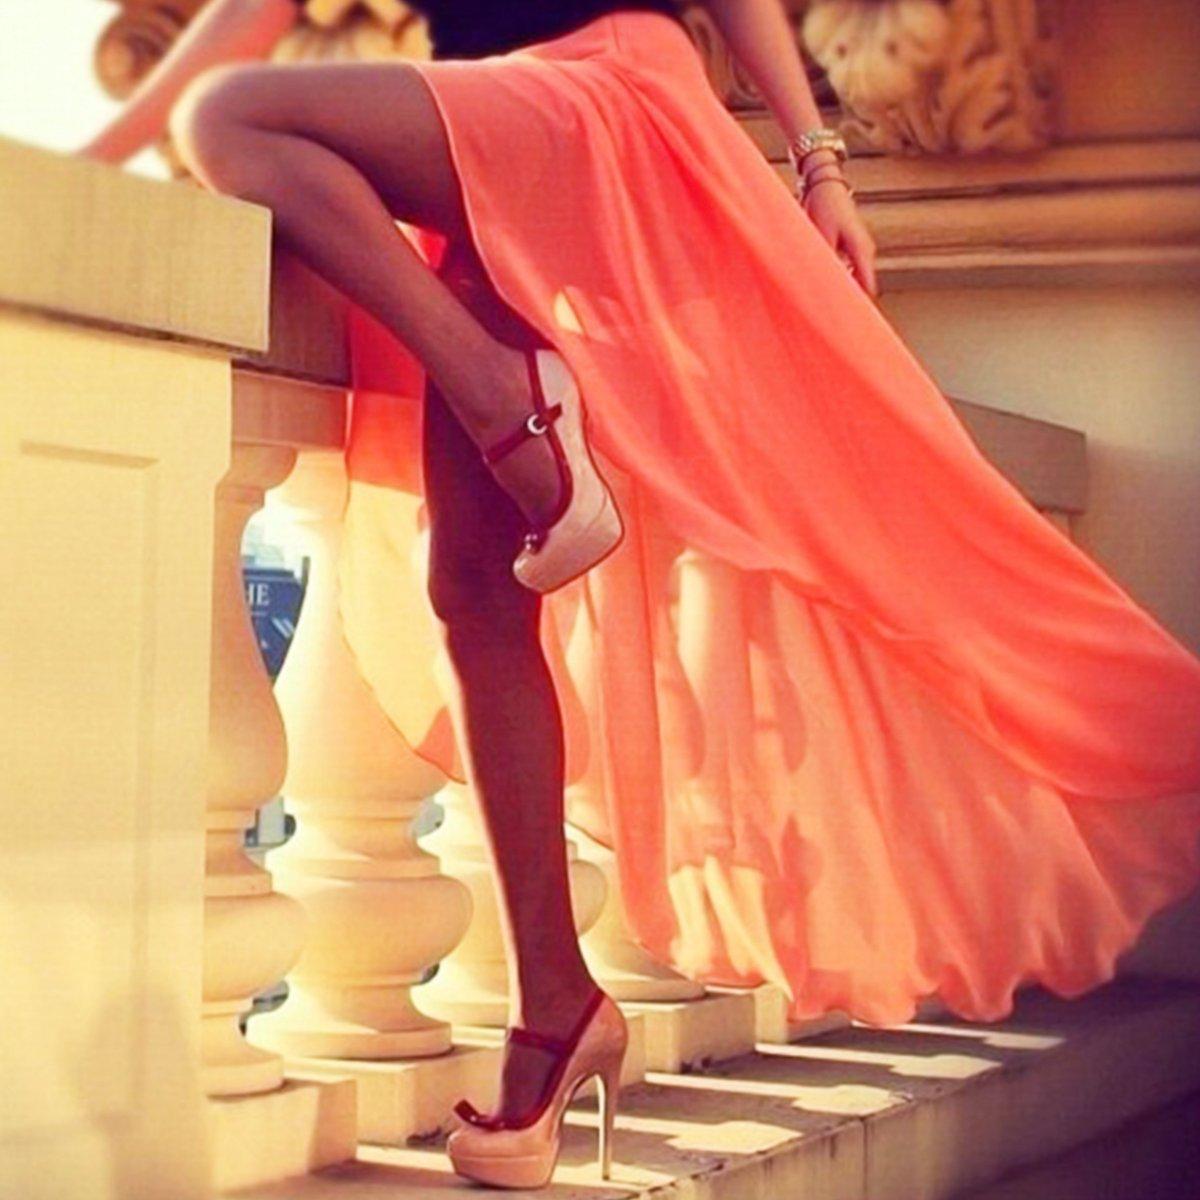 Фото ног девушек в платье